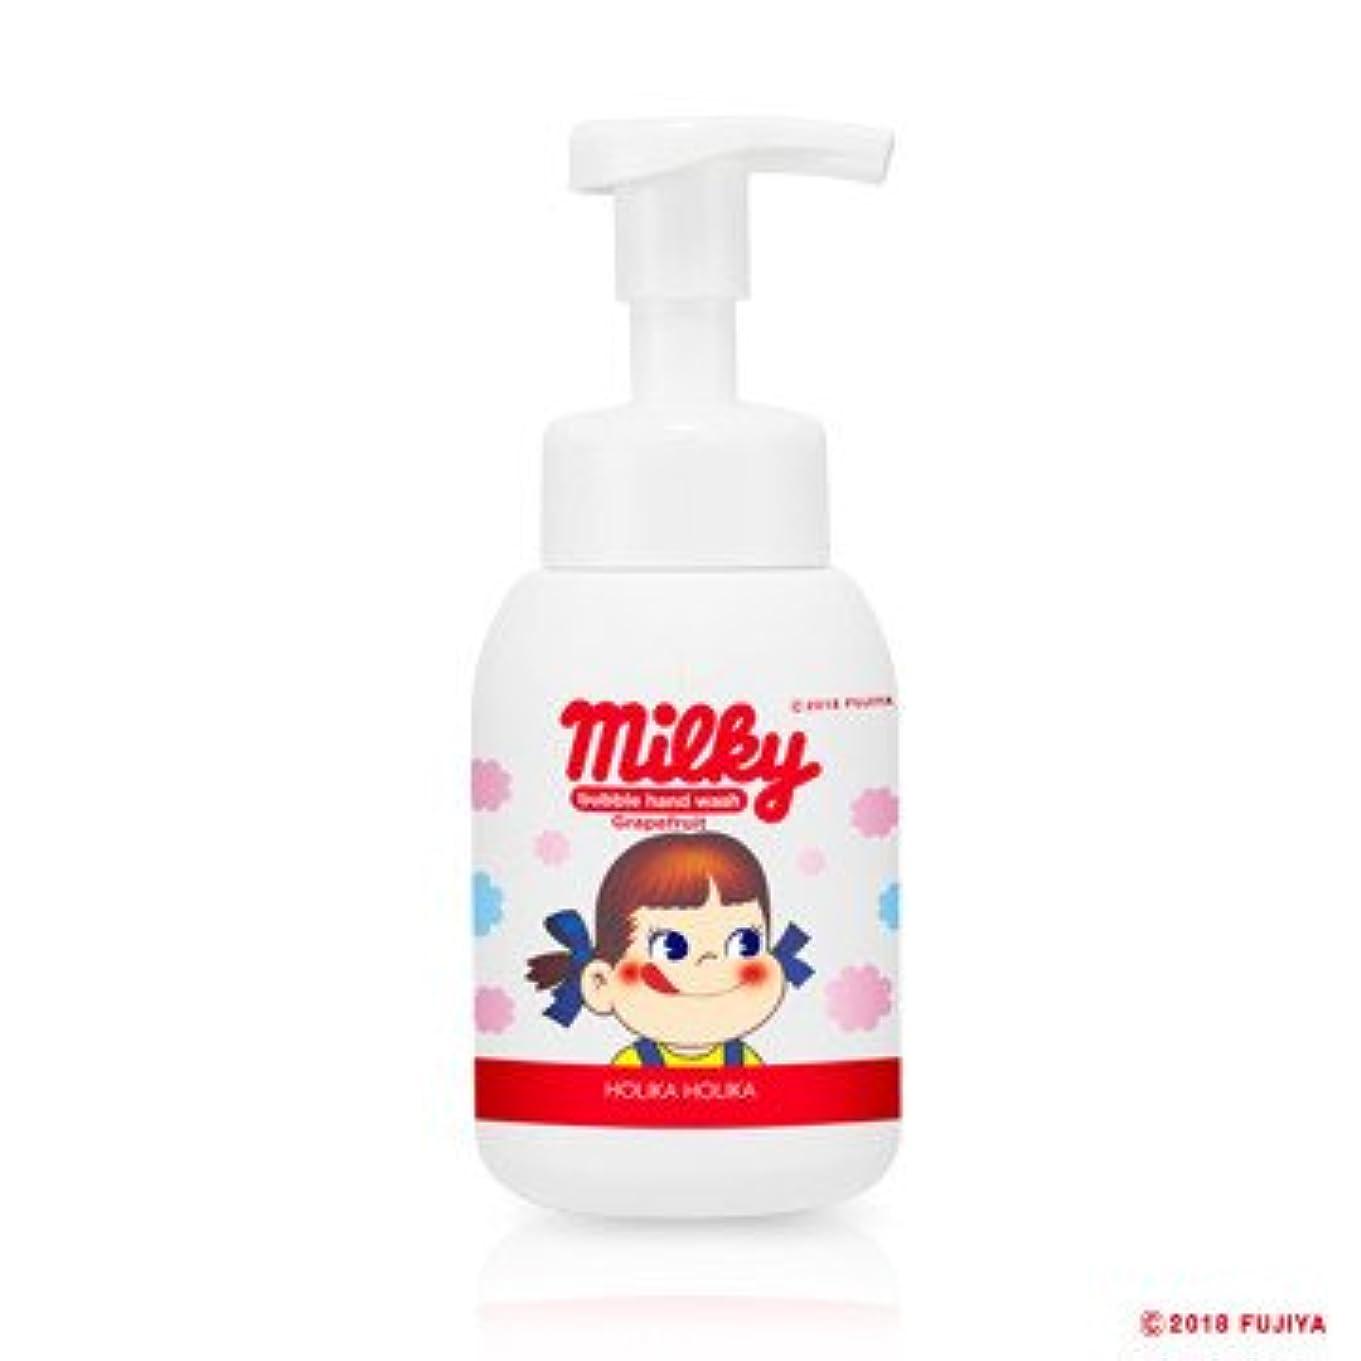 野球粒レディHolika Holika [Sweet Peko Edition] Bubble Hand Wash/ホリカホリカ [スイートペコエディション] バブルハンドウォッシュ 250ml [並行輸入品]